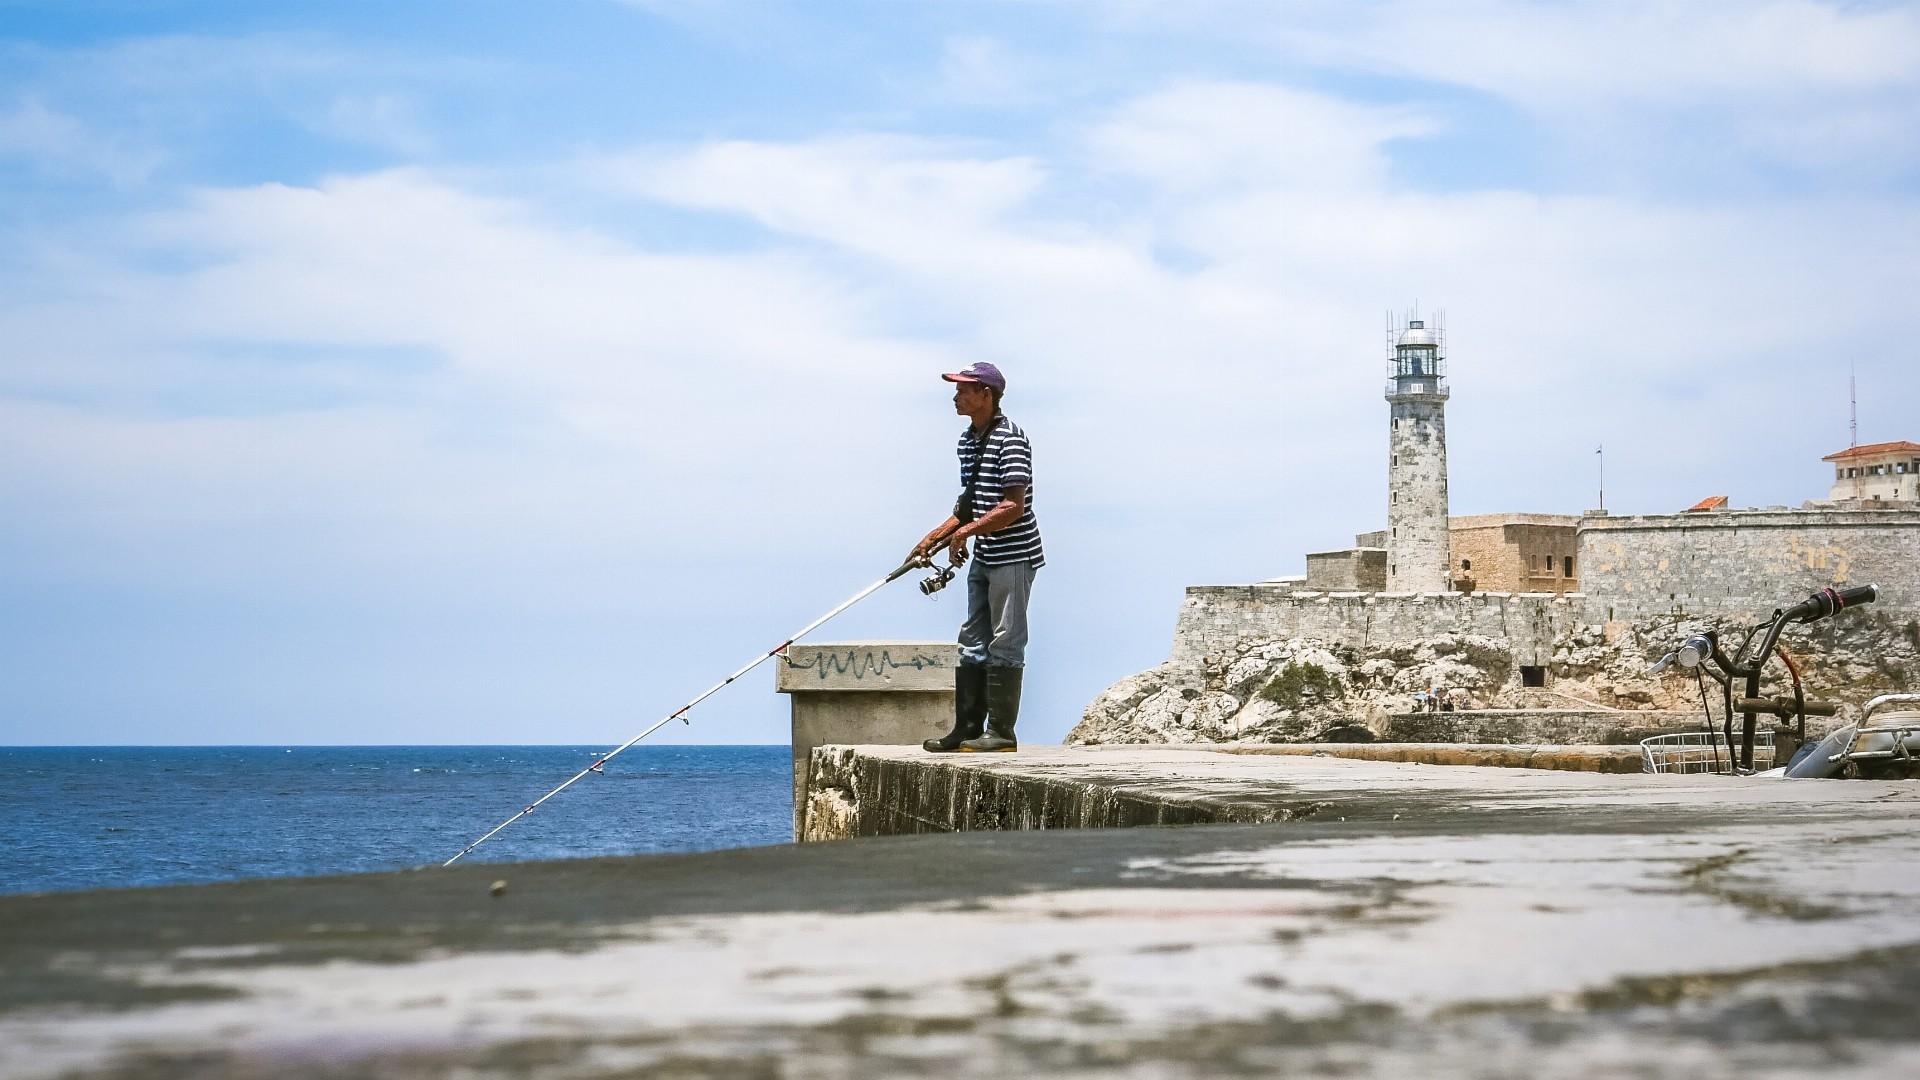 Kubietiški žvejybos ypatumai ir kiti nuotykiai